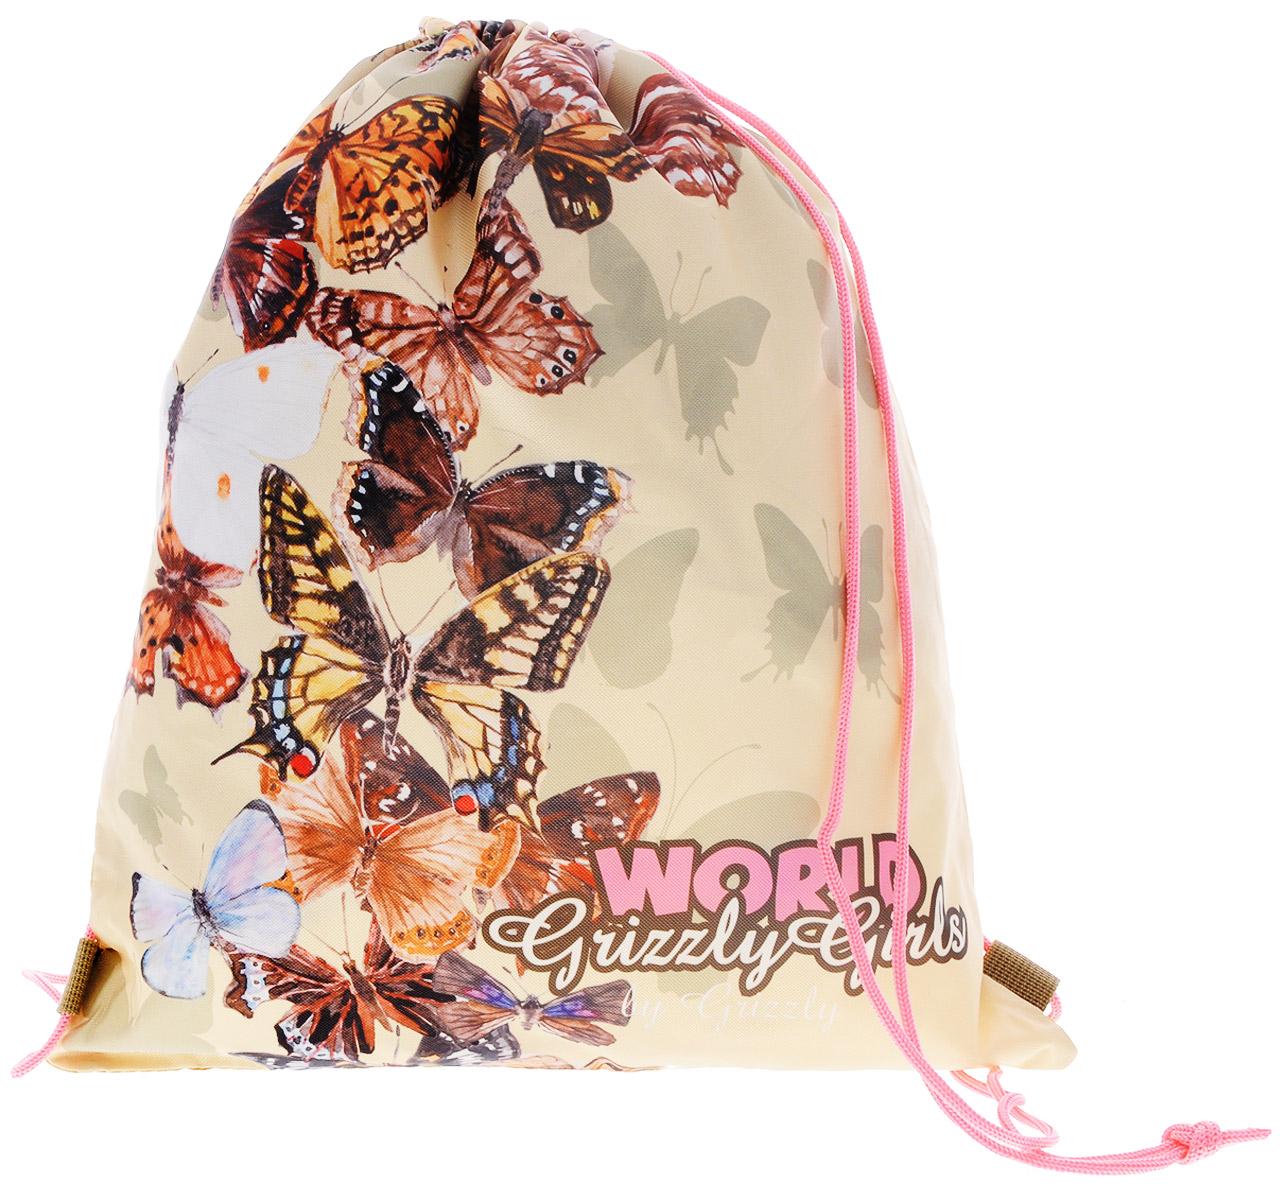 Grizzly Мешок для обуви World Grizzly Girls цвет бежевыйOM-672-3/1Мешок для обуви Grizzly World Grizzly Girls идеально подойдет как для хранения, так и для переноски сменной обуви и одежды. Мешок выполнен из прочного материала и содержит одно вместительное отделение, затягивающееся с помощью текстильных шнурков. Шнурки фиксируются в нижней части сумки, благодаря чему ее можно носить за спиной как рюкзак. Ваш ребенок с радостью будет ходить с таким аксессуаром в школу! Уход: протирать мыльным раствором (без хлора) при температуре не выше 30 градусов.